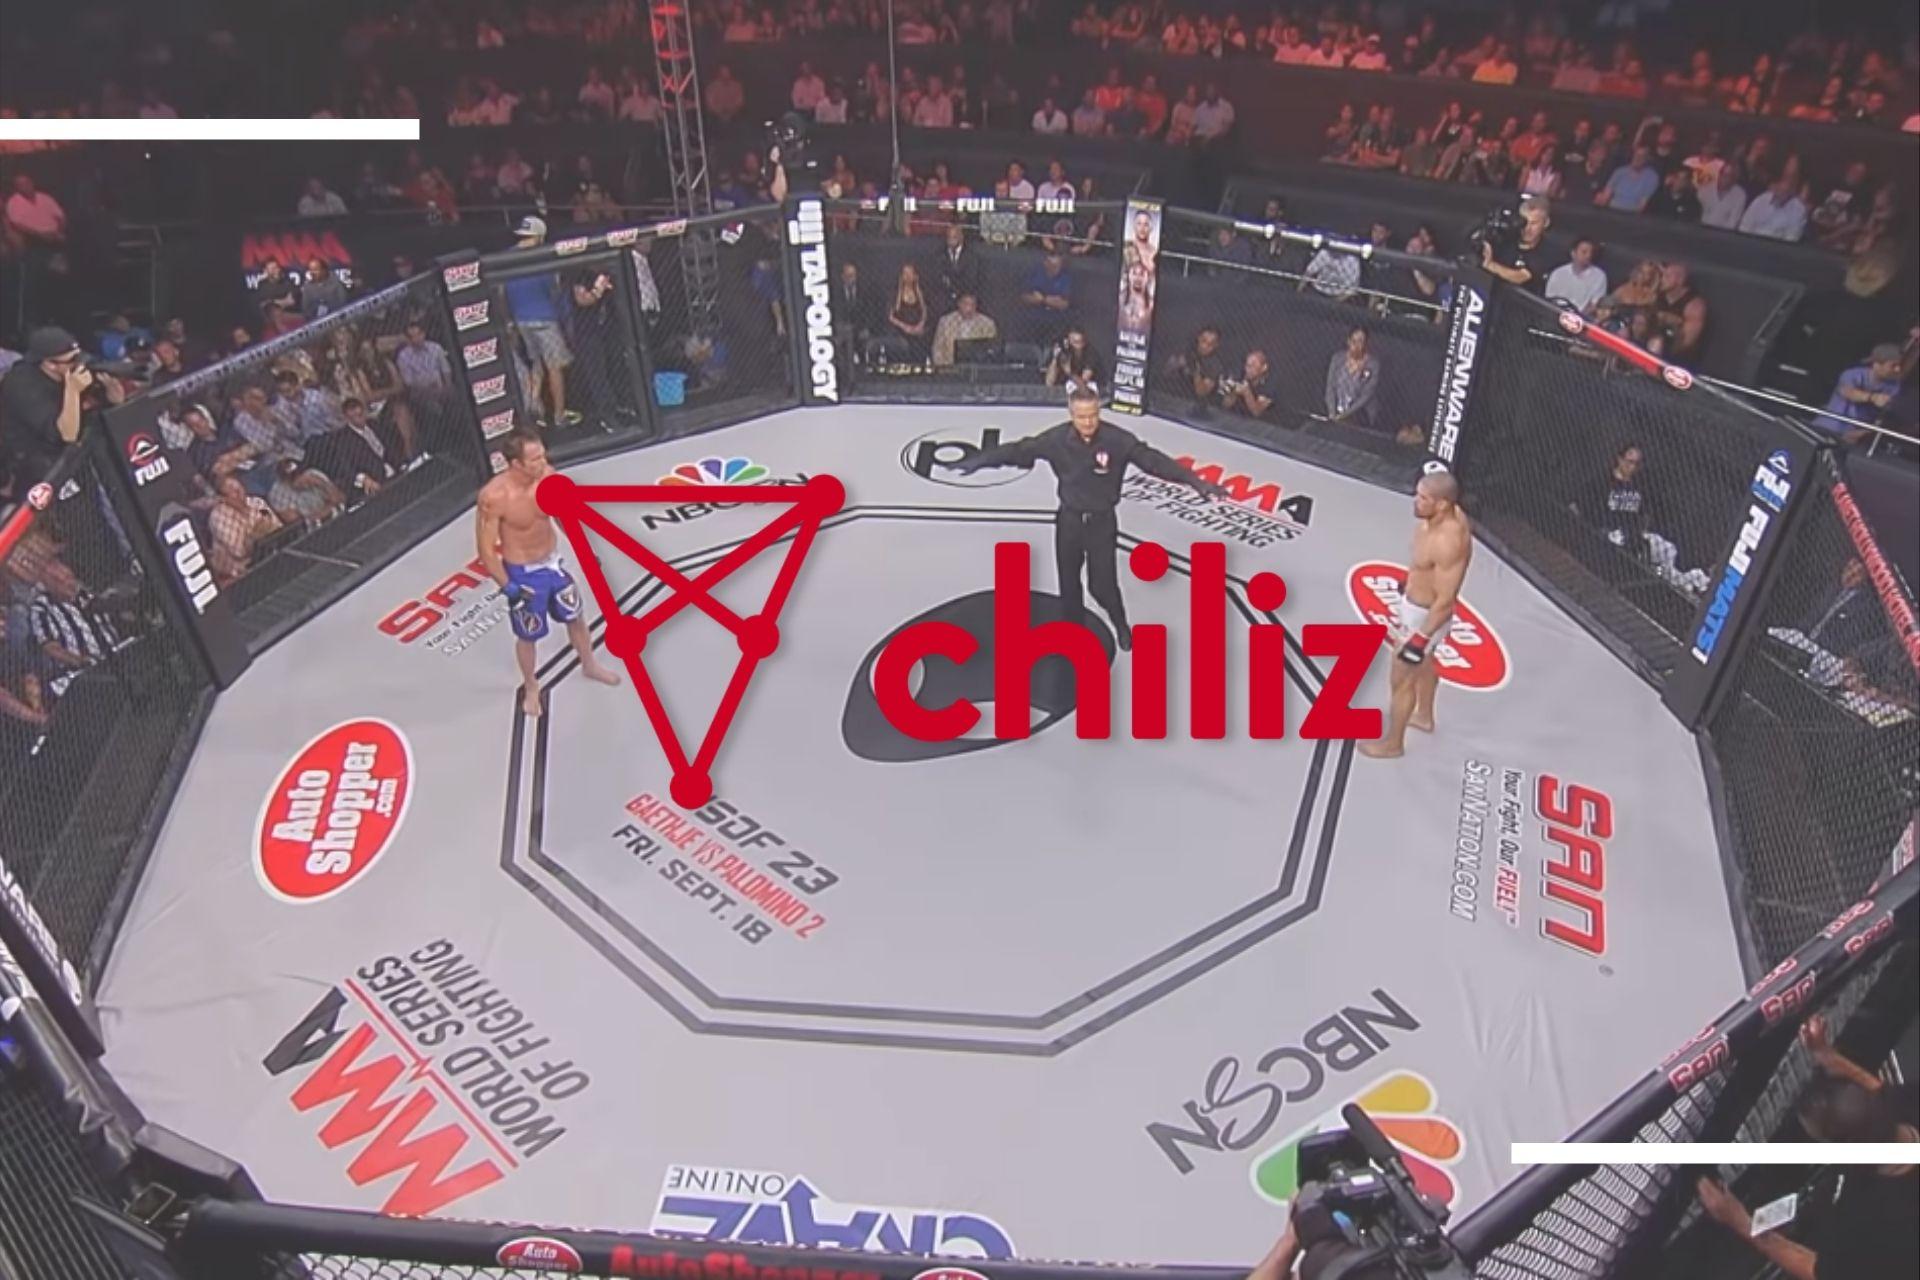 Chiliz y Socios.com lanzan un token para fanáticos de la Professional Fighters League que se agota en 10 minutos, expandiendo así sus NFT deportivos a las artes marciales mixtas